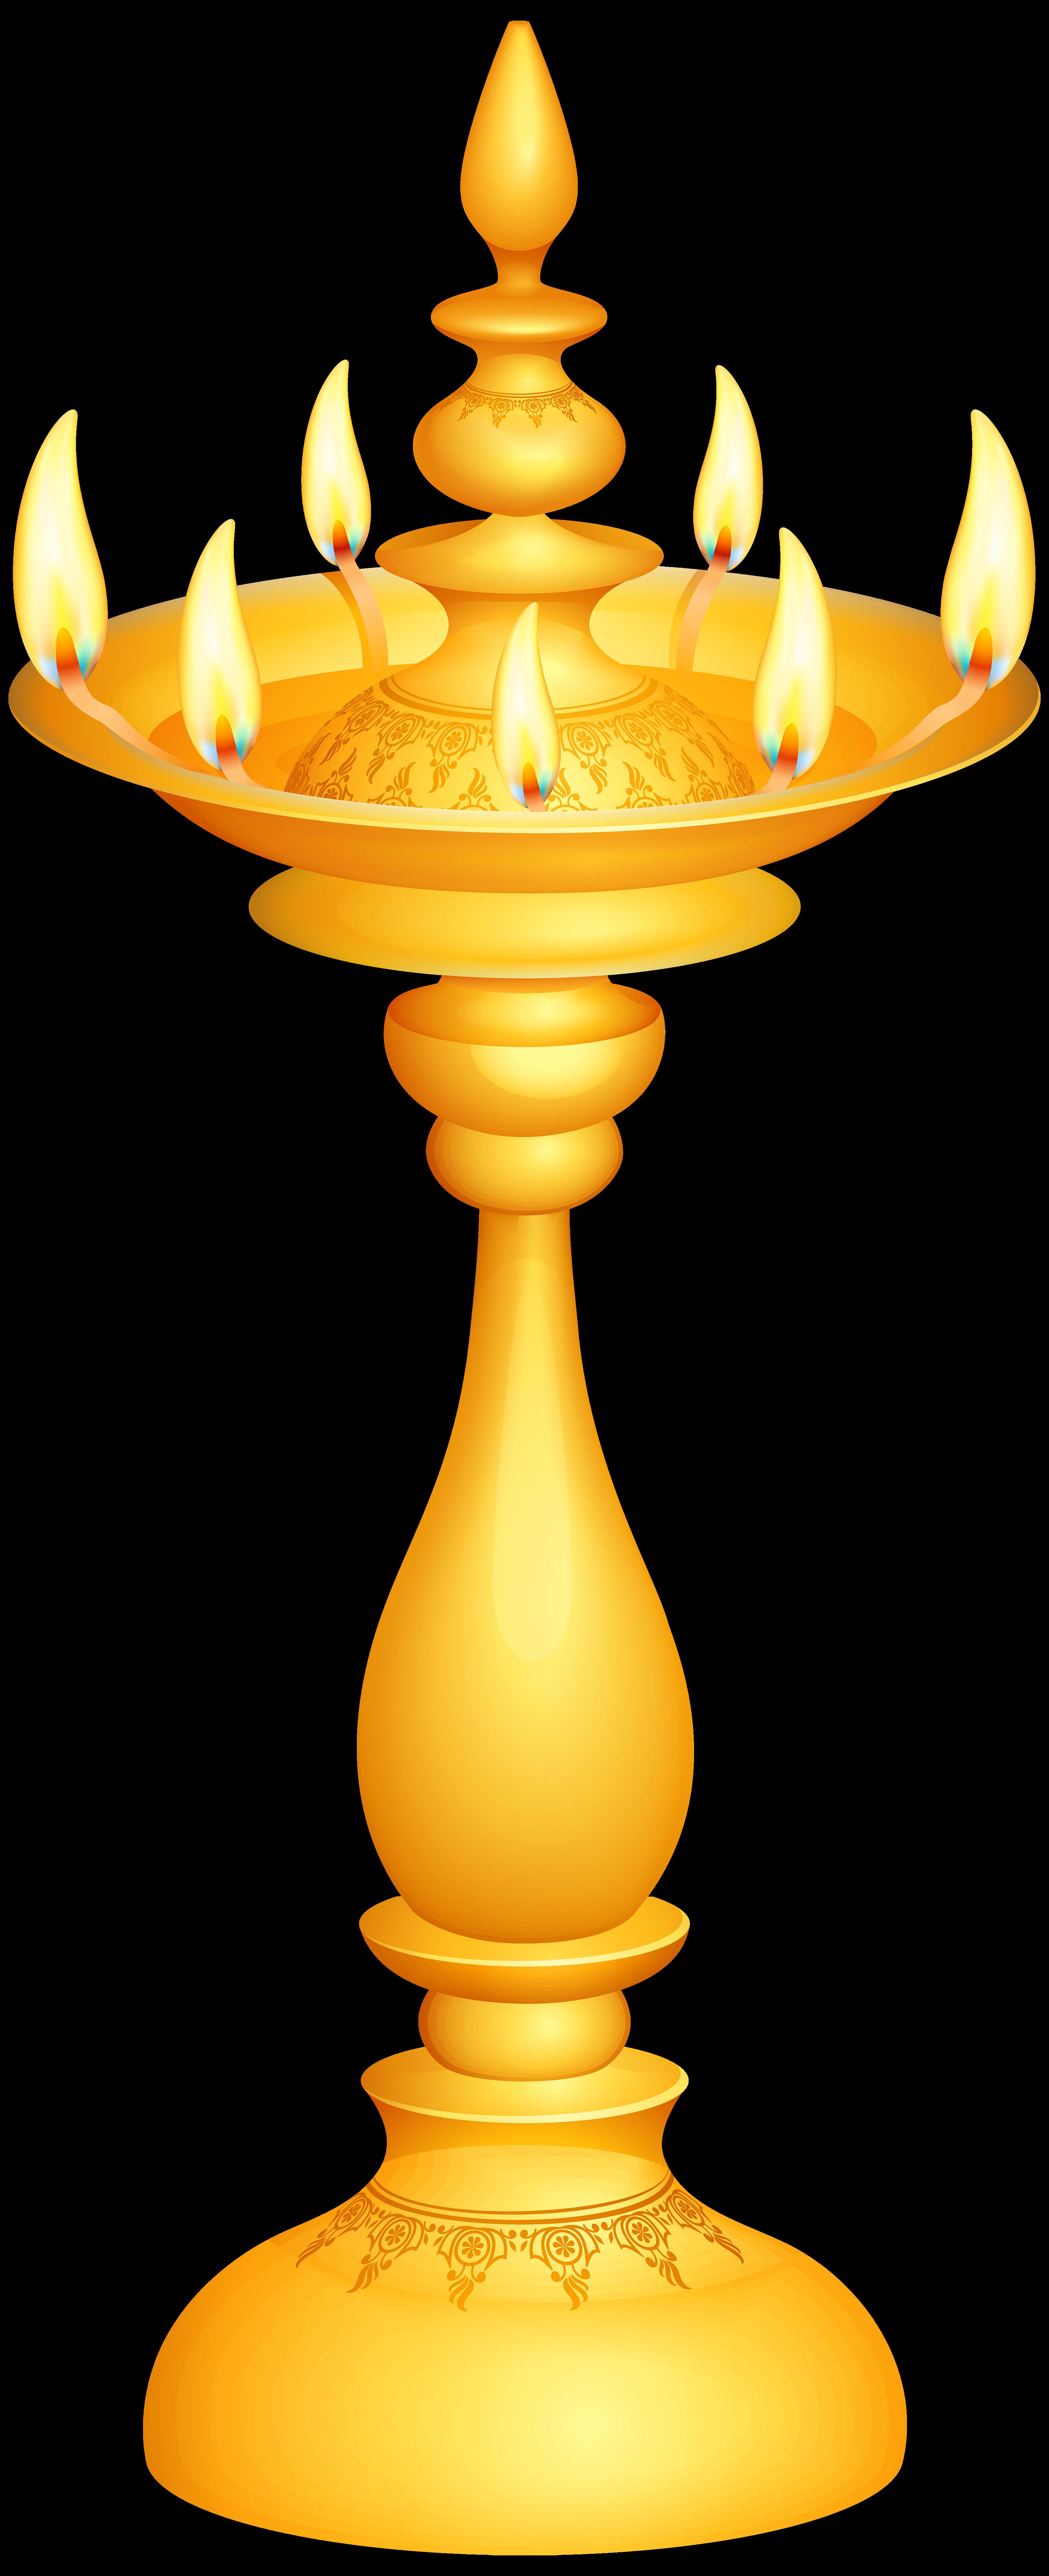 Lamp clipart deepak, Lamp deepak Transparent FREE for.